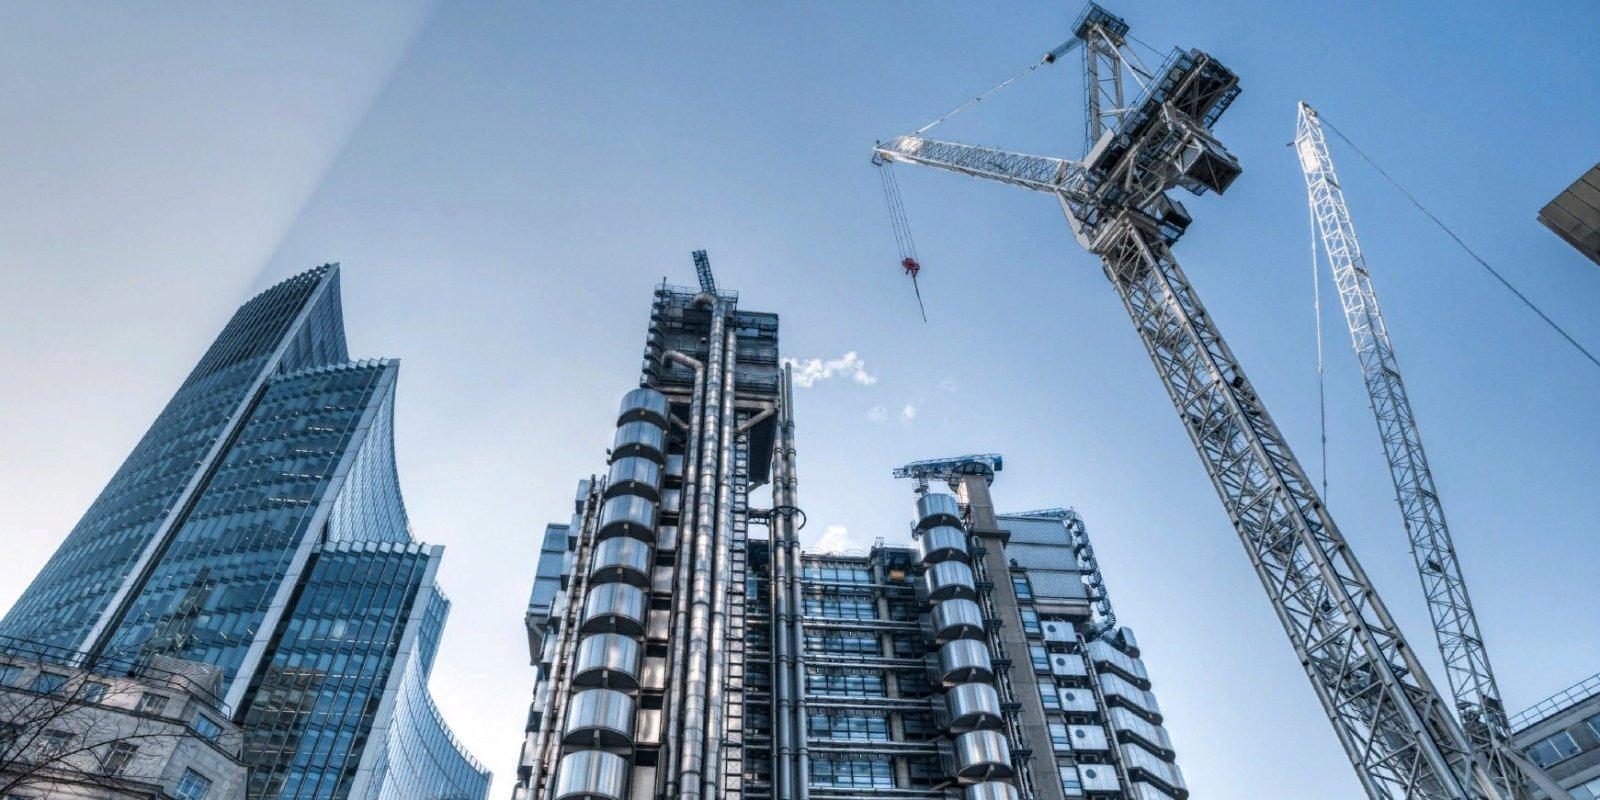 Ежегодный конкурс среди предприятий (организаций) строительного комплекса Новосибирской области по результатам деятельности в 2020 году «Лучшее предприятие»